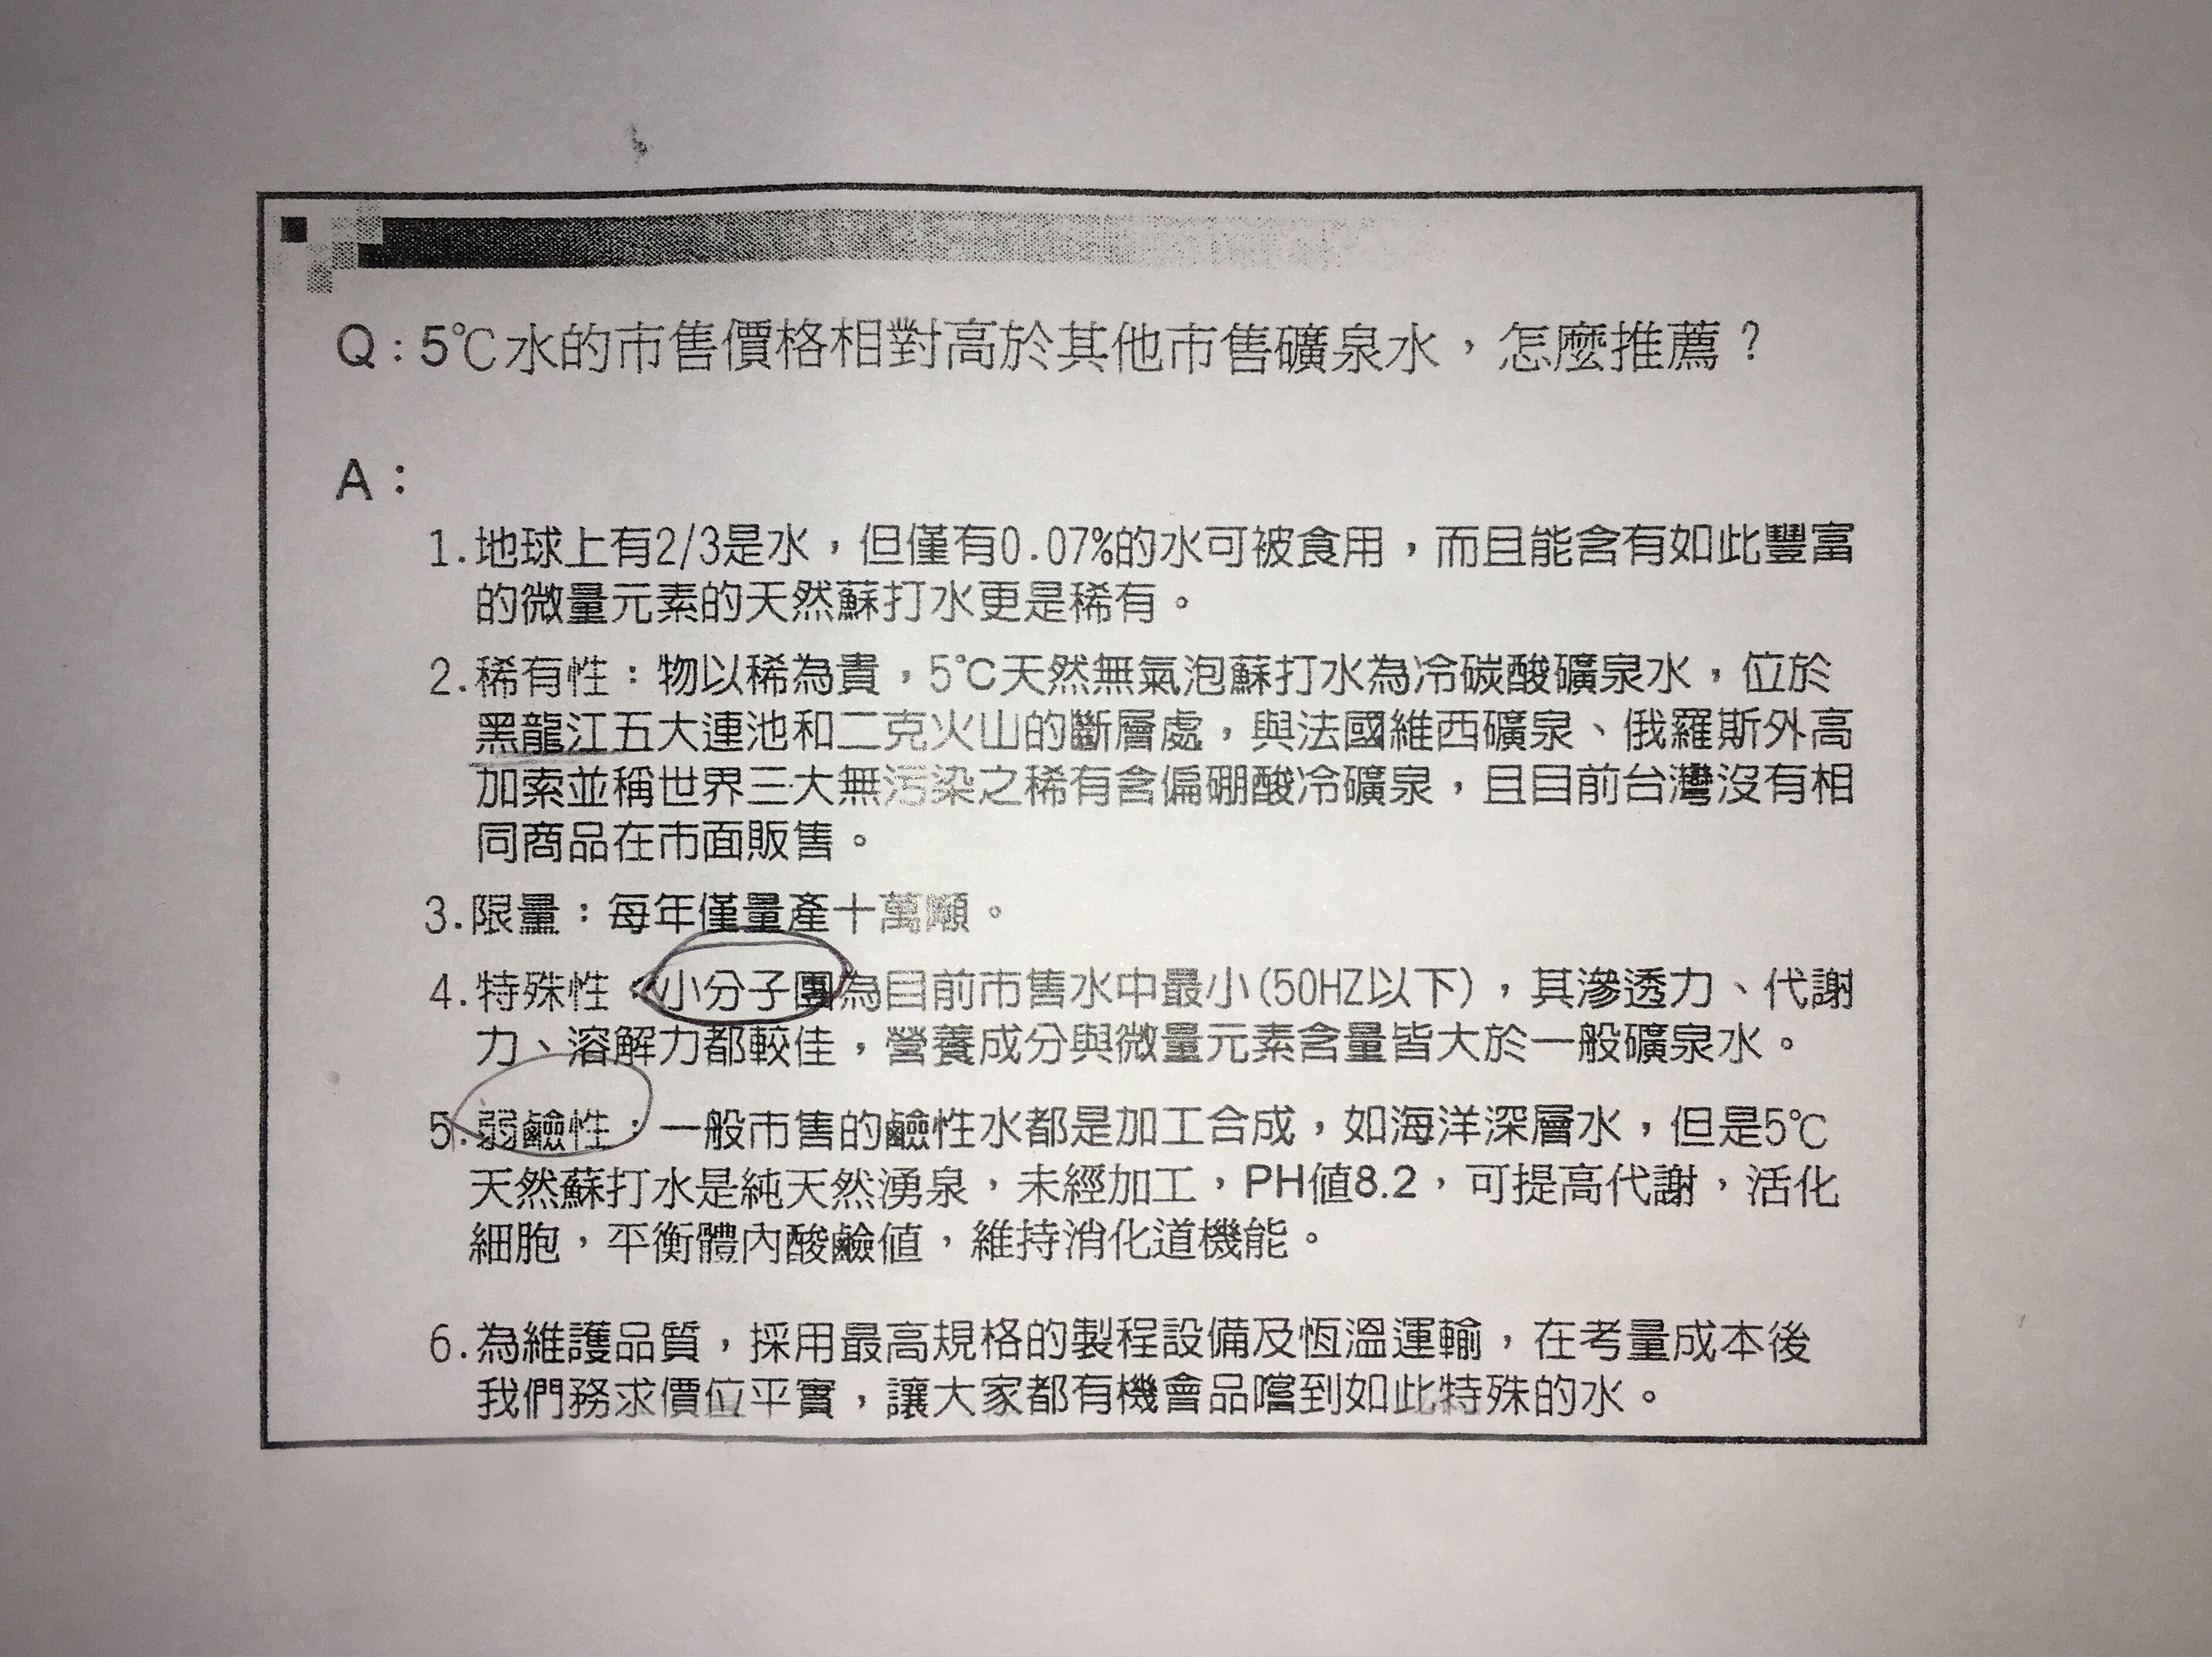 寶島眼鏡內部員工教育訓練資料-2